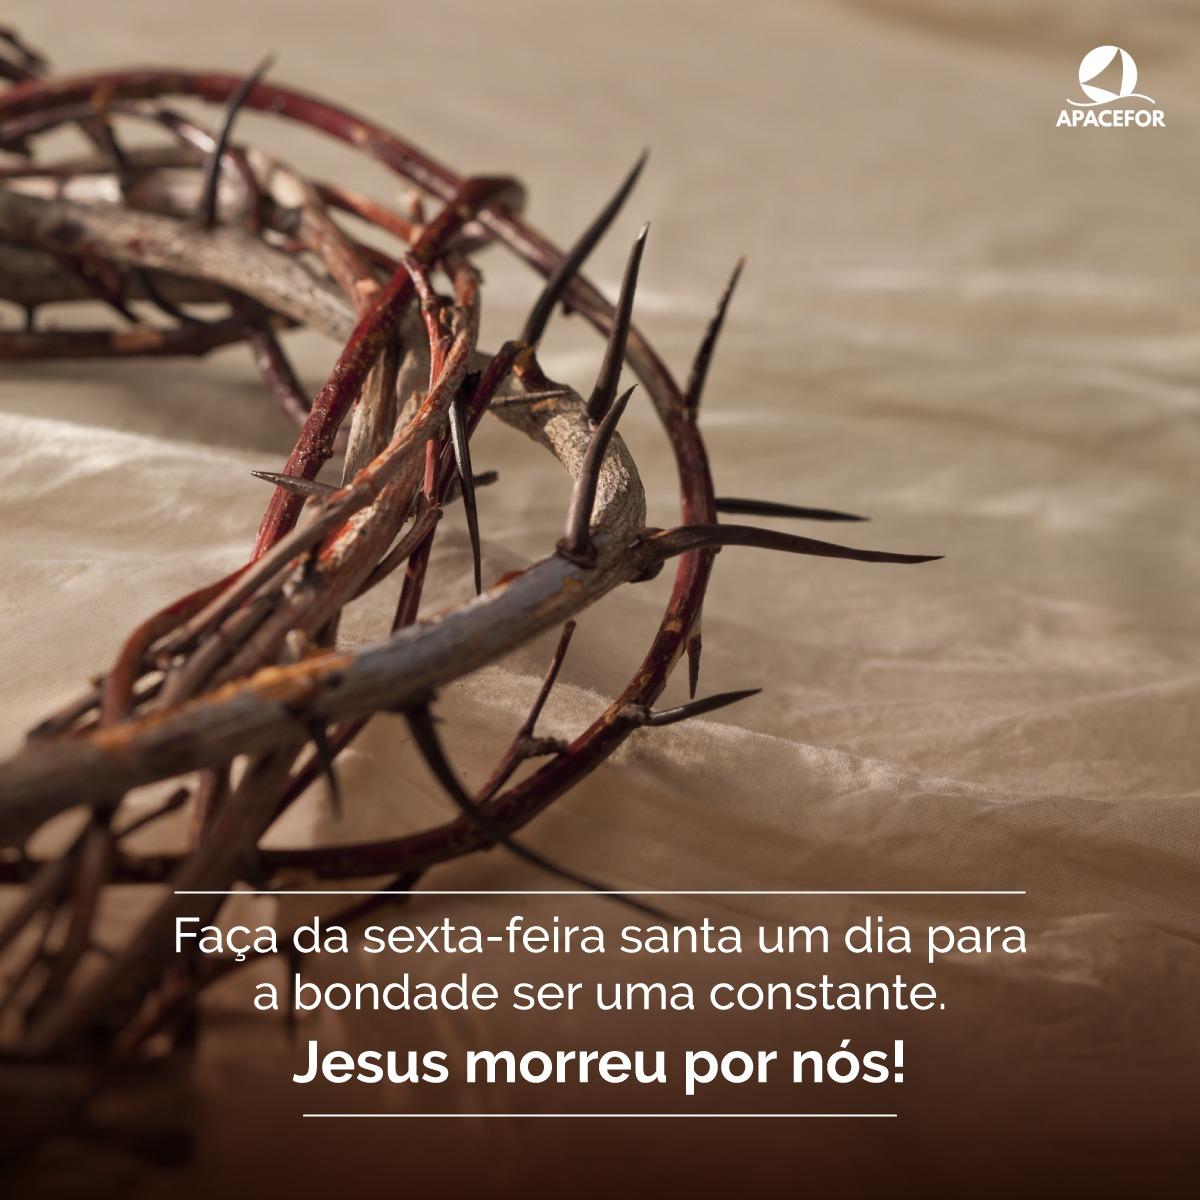 Faça da sexta-feira da Paixão um momento de reflexão do amor de Cristo por nós